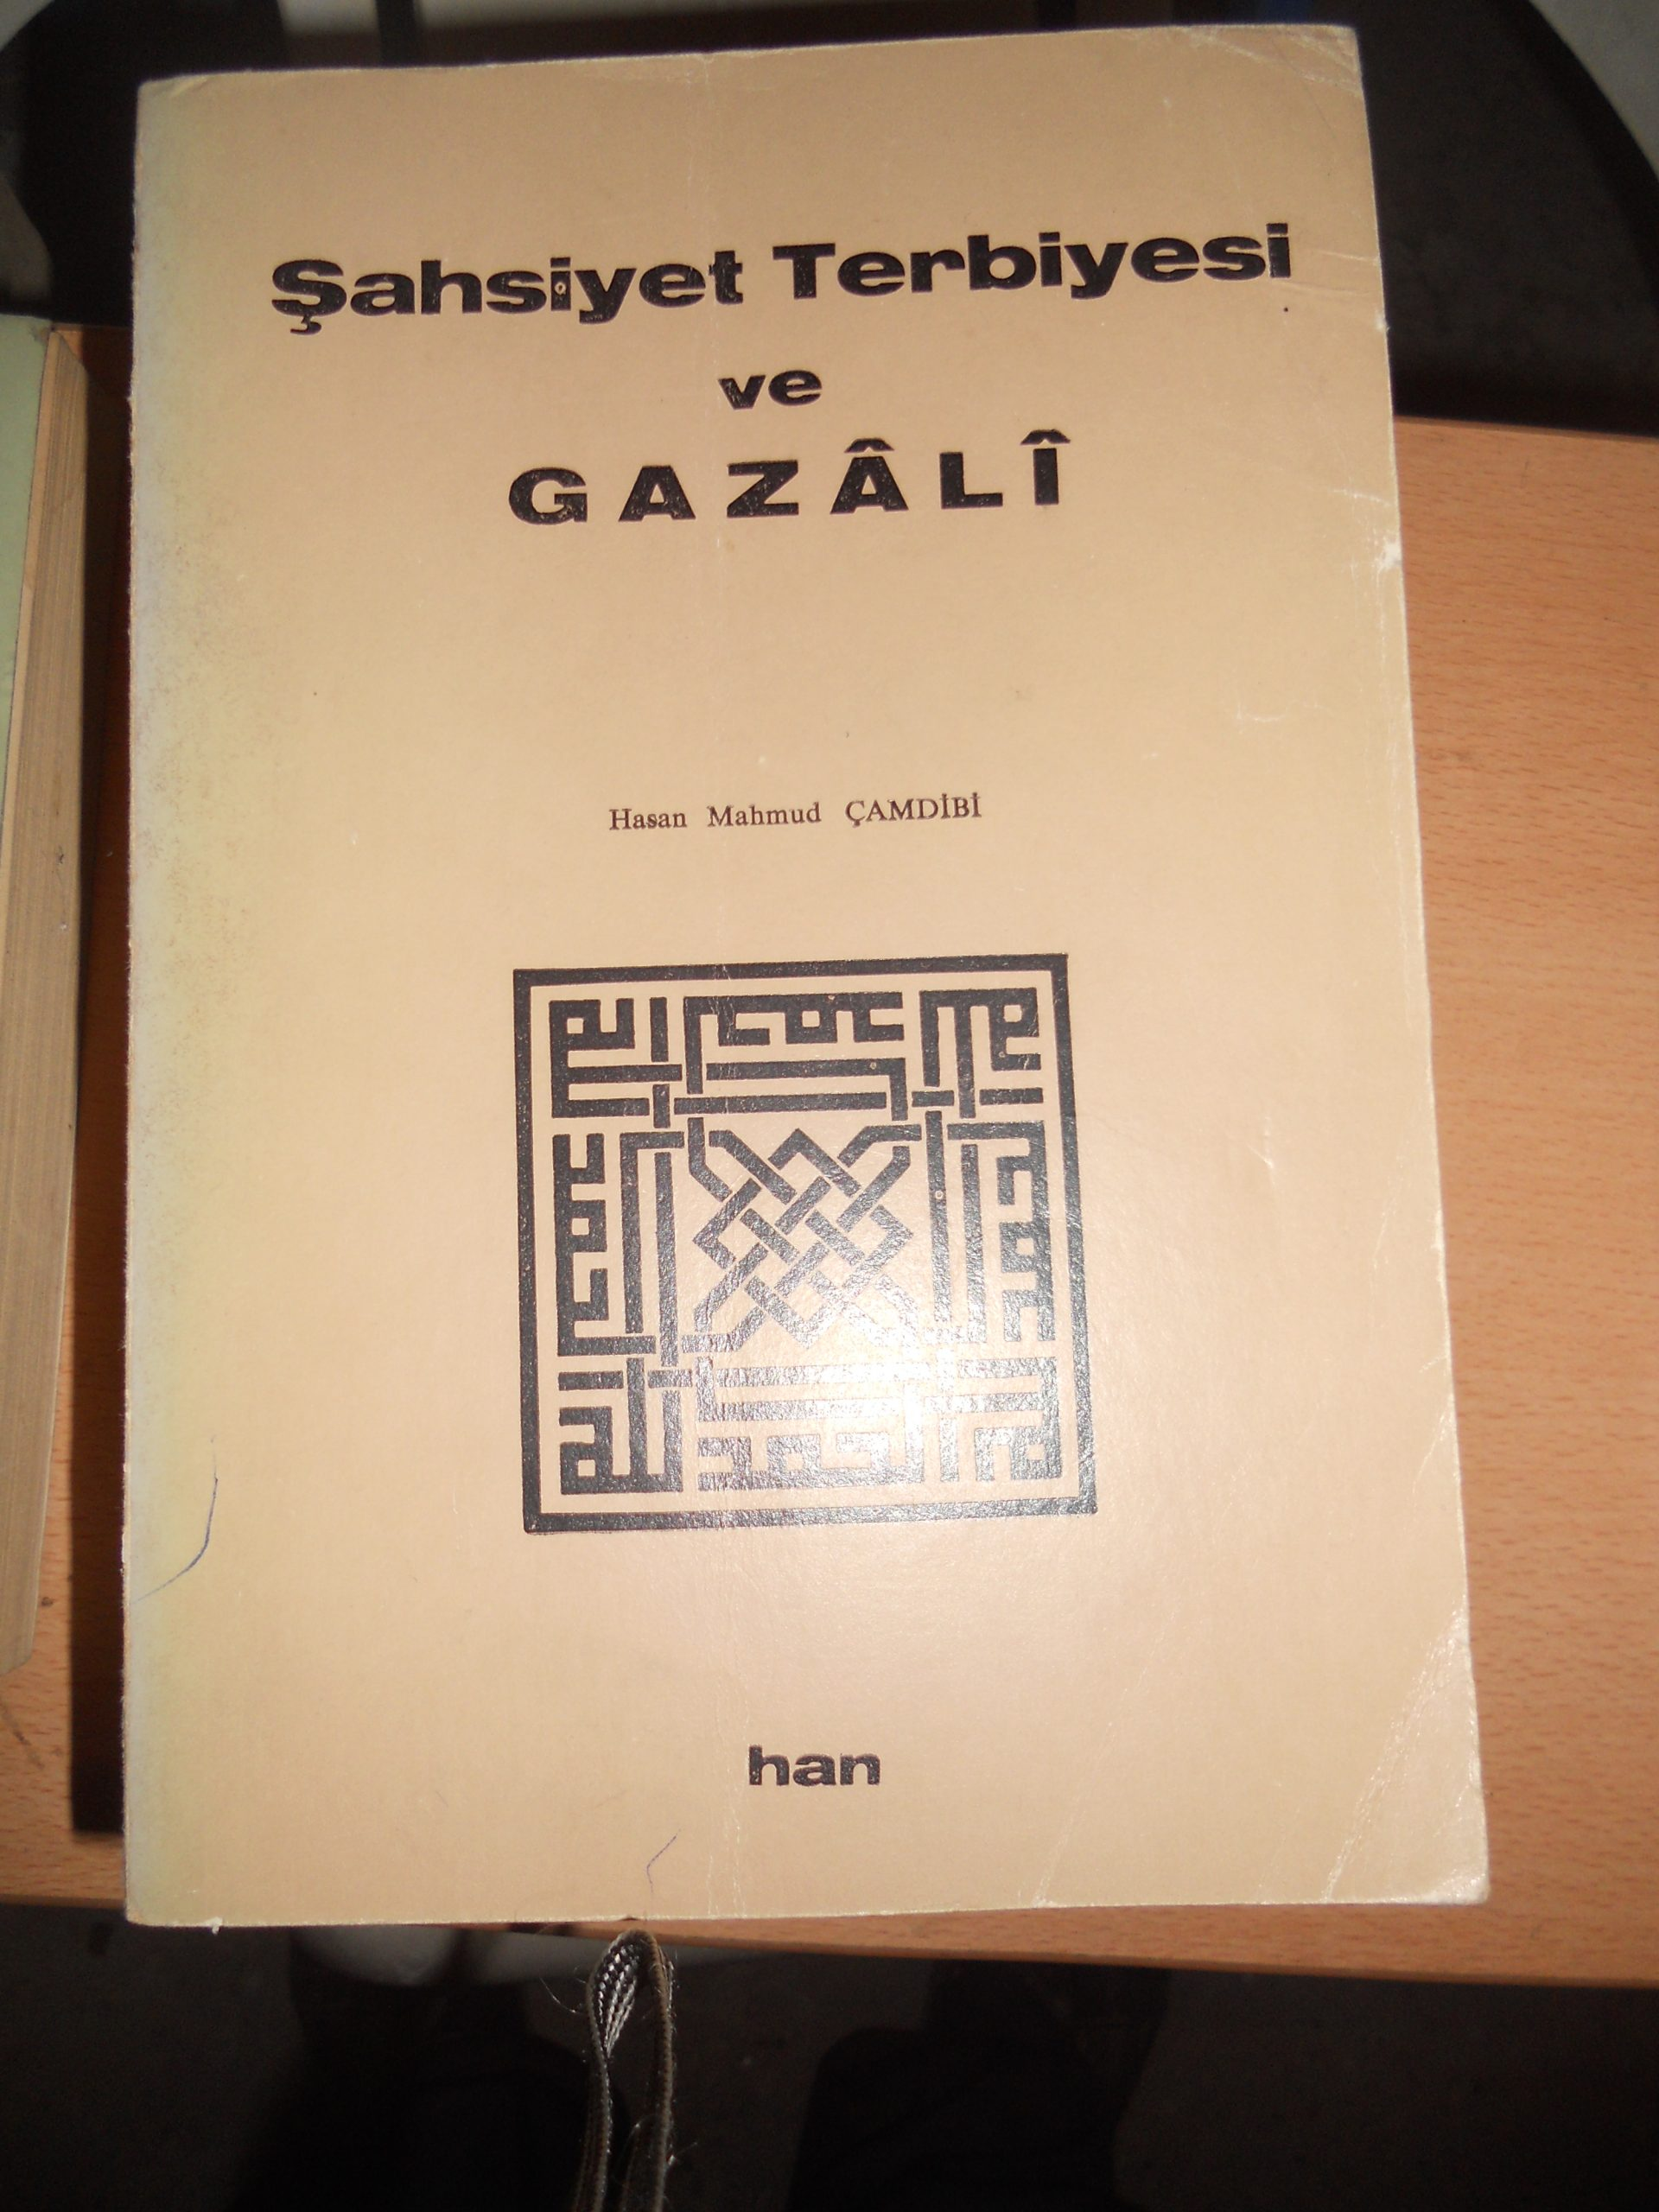 ŞAHSİYET TERBİYESİ VE GAZALİ/ Hasan Mahmud ÇAMDİBİ/ 25 tl